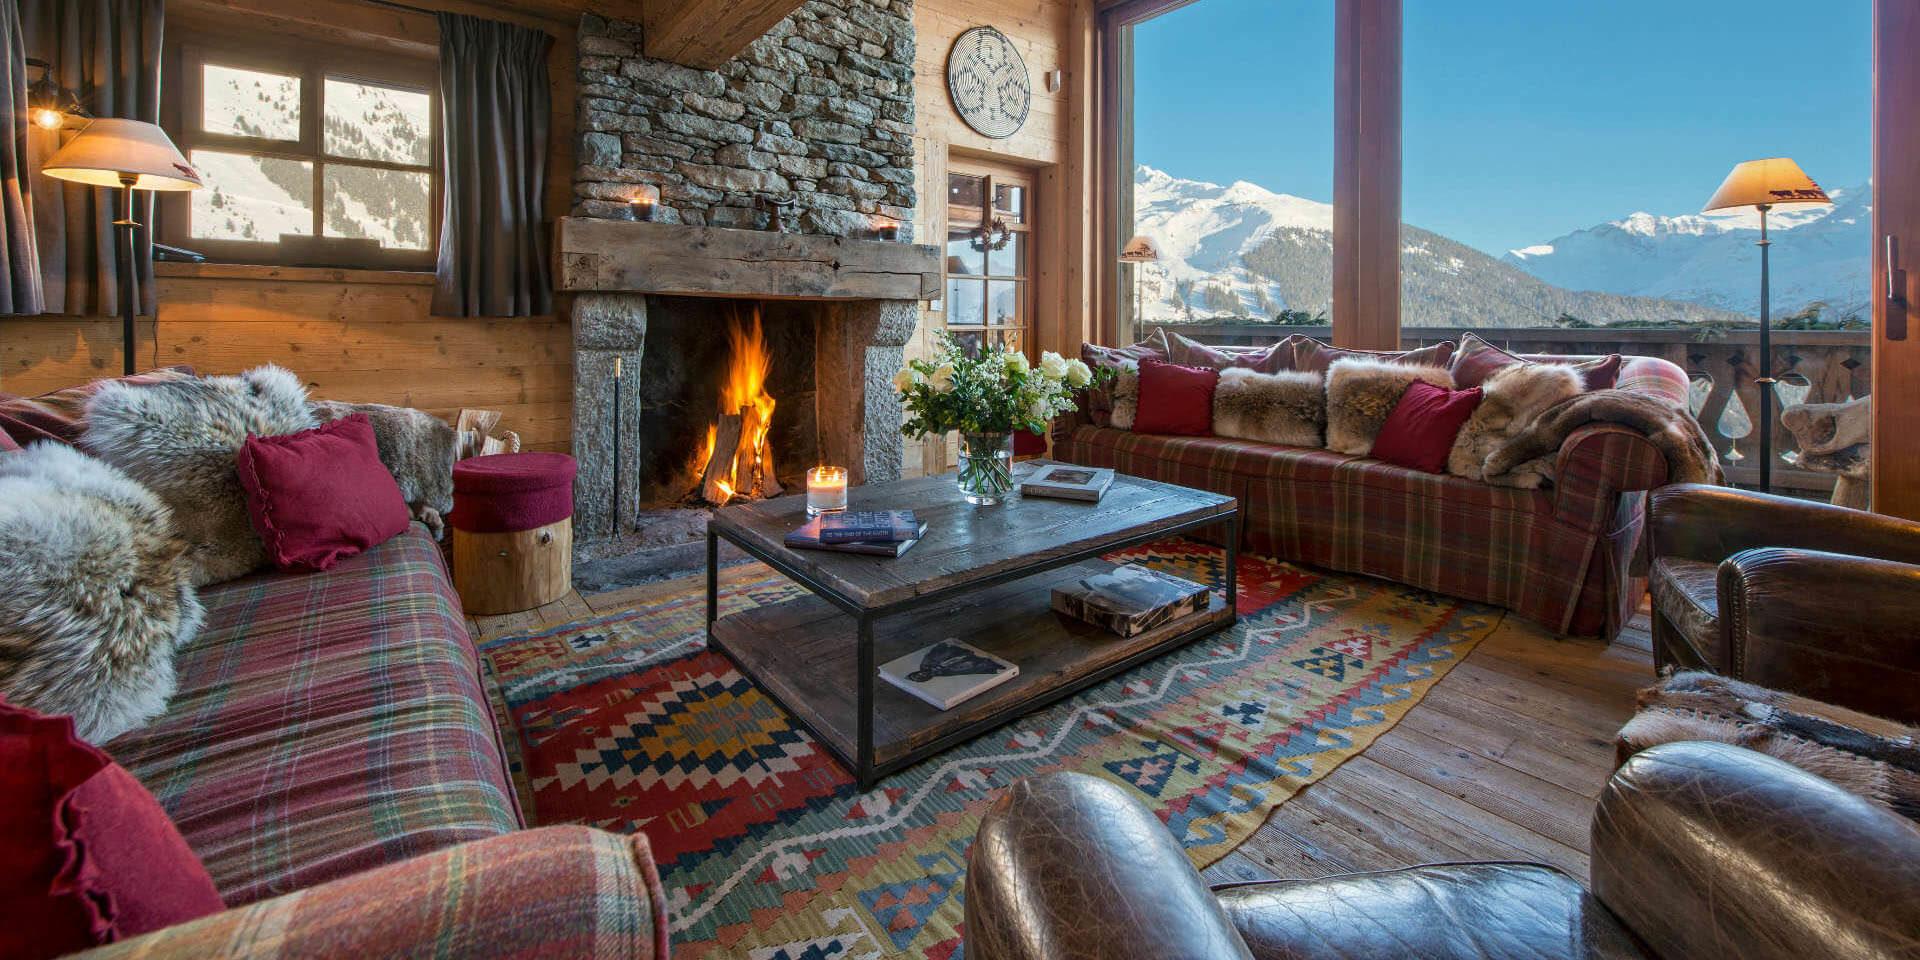 Chalet Nyumba Verbier Les 4 Vallees Zwitserland wintersport skivakantie luxe living open haard banken kussens fauteuil hocker salontafel groot raam uitzicht bergen sneeuw